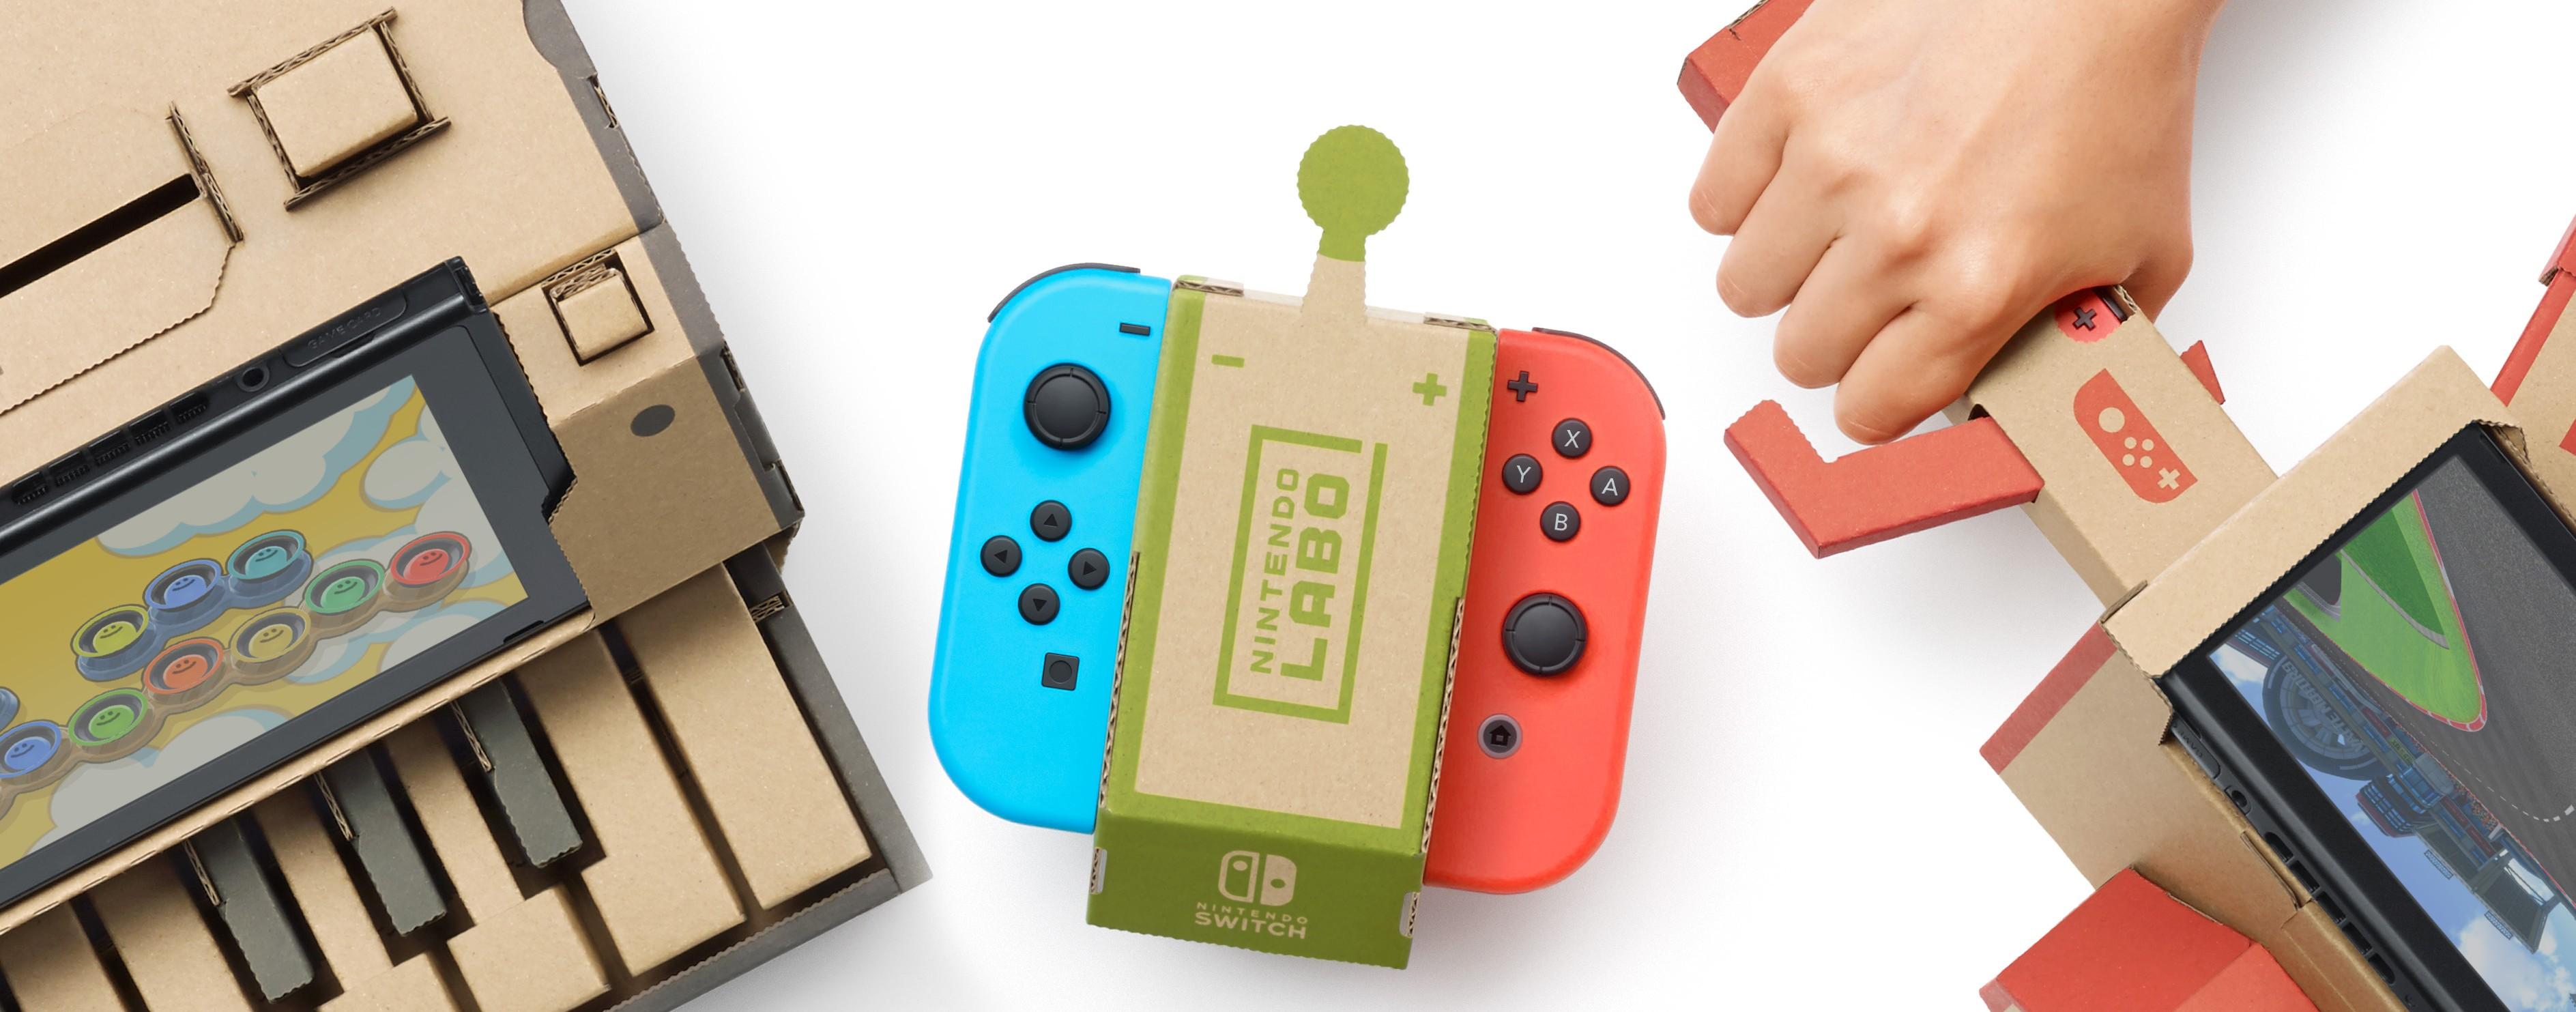 Nintendo Labo, quando la tecnologia incontra il do it yourself | Collater.al 3